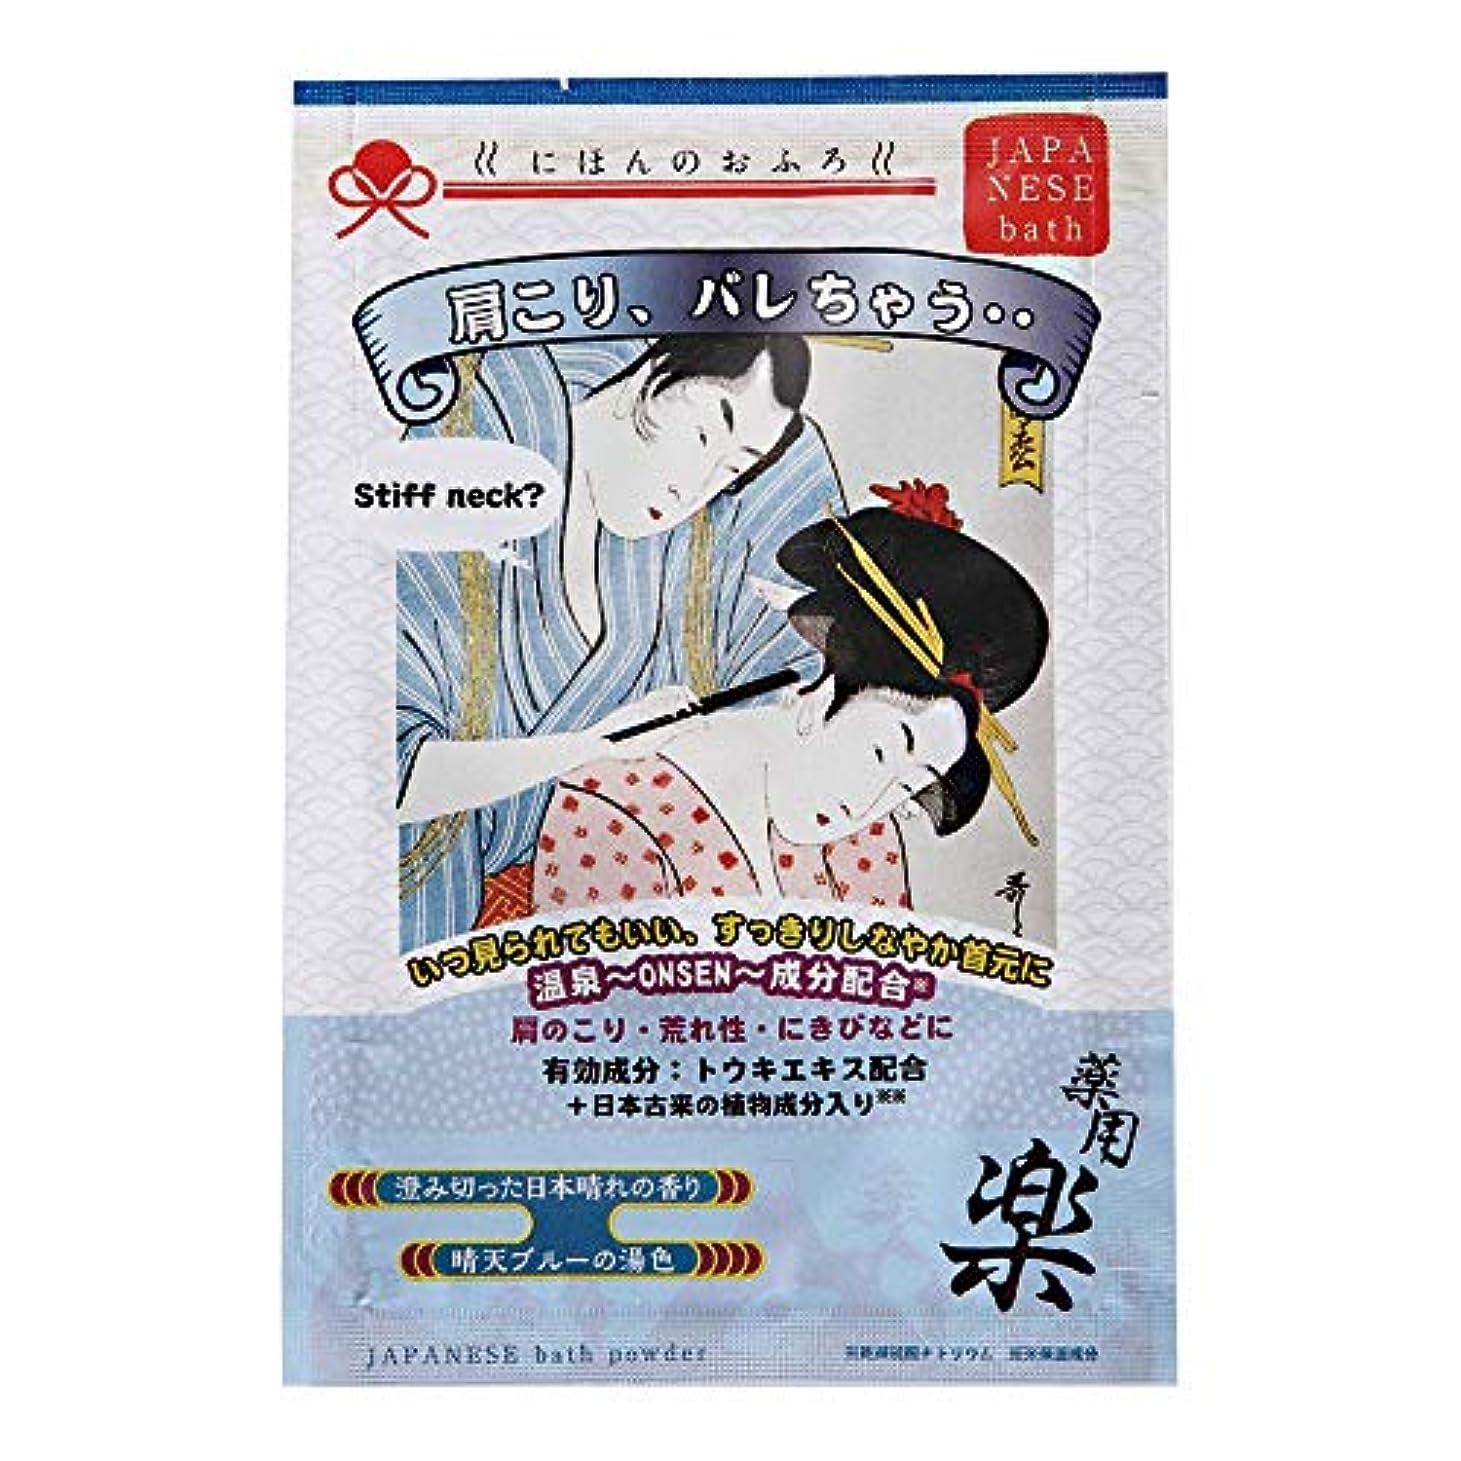 認める在庫トランクライブラリにほんのおふろ 肩こり、バレちゃう?? 澄み切った日本晴れの香り 25g